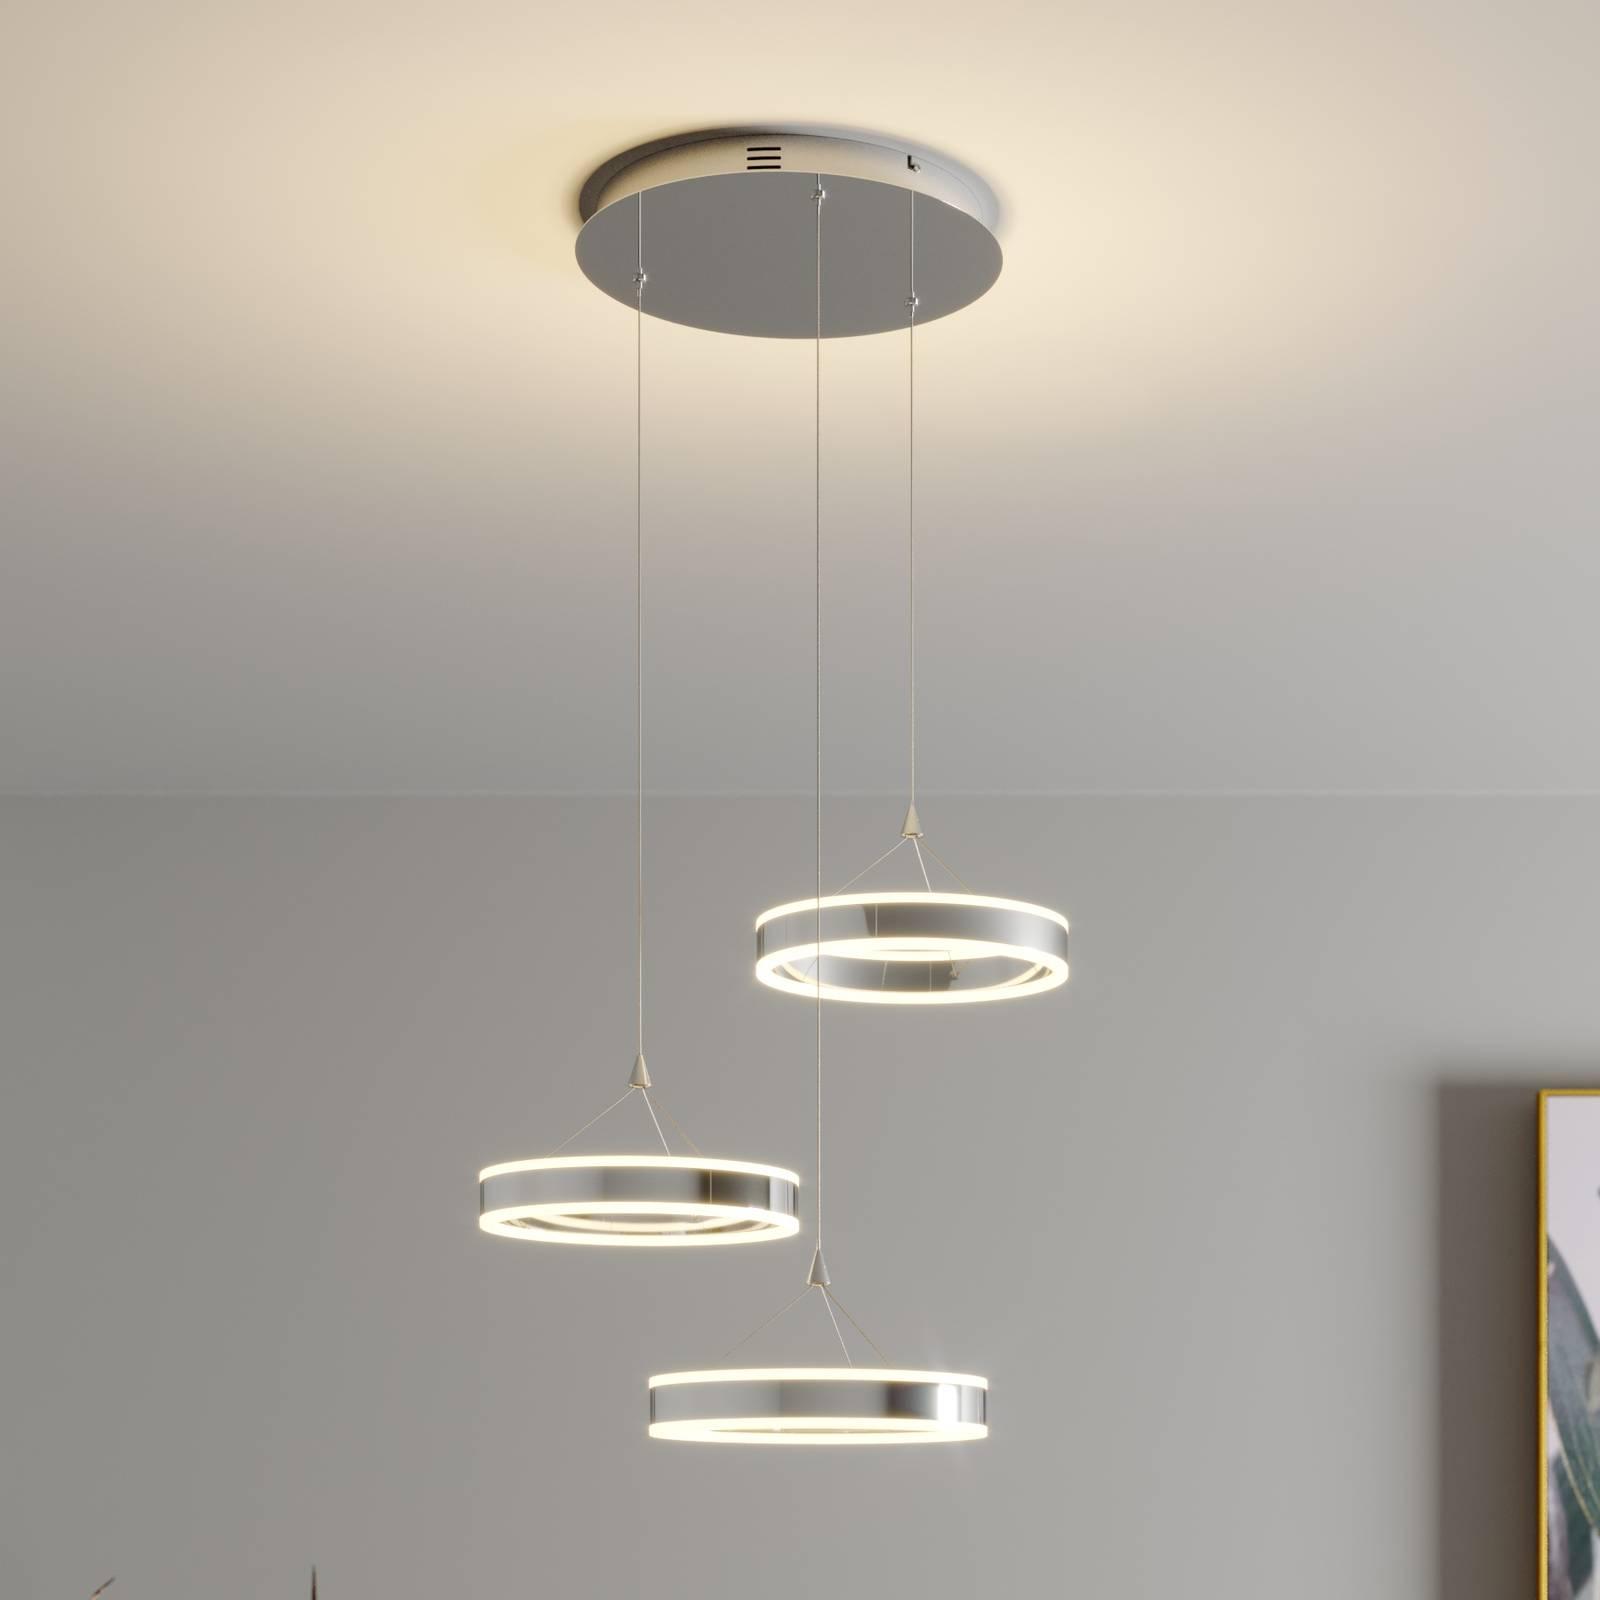 LED hanglamp Lyani, 3 ringen, hoogte verschillend